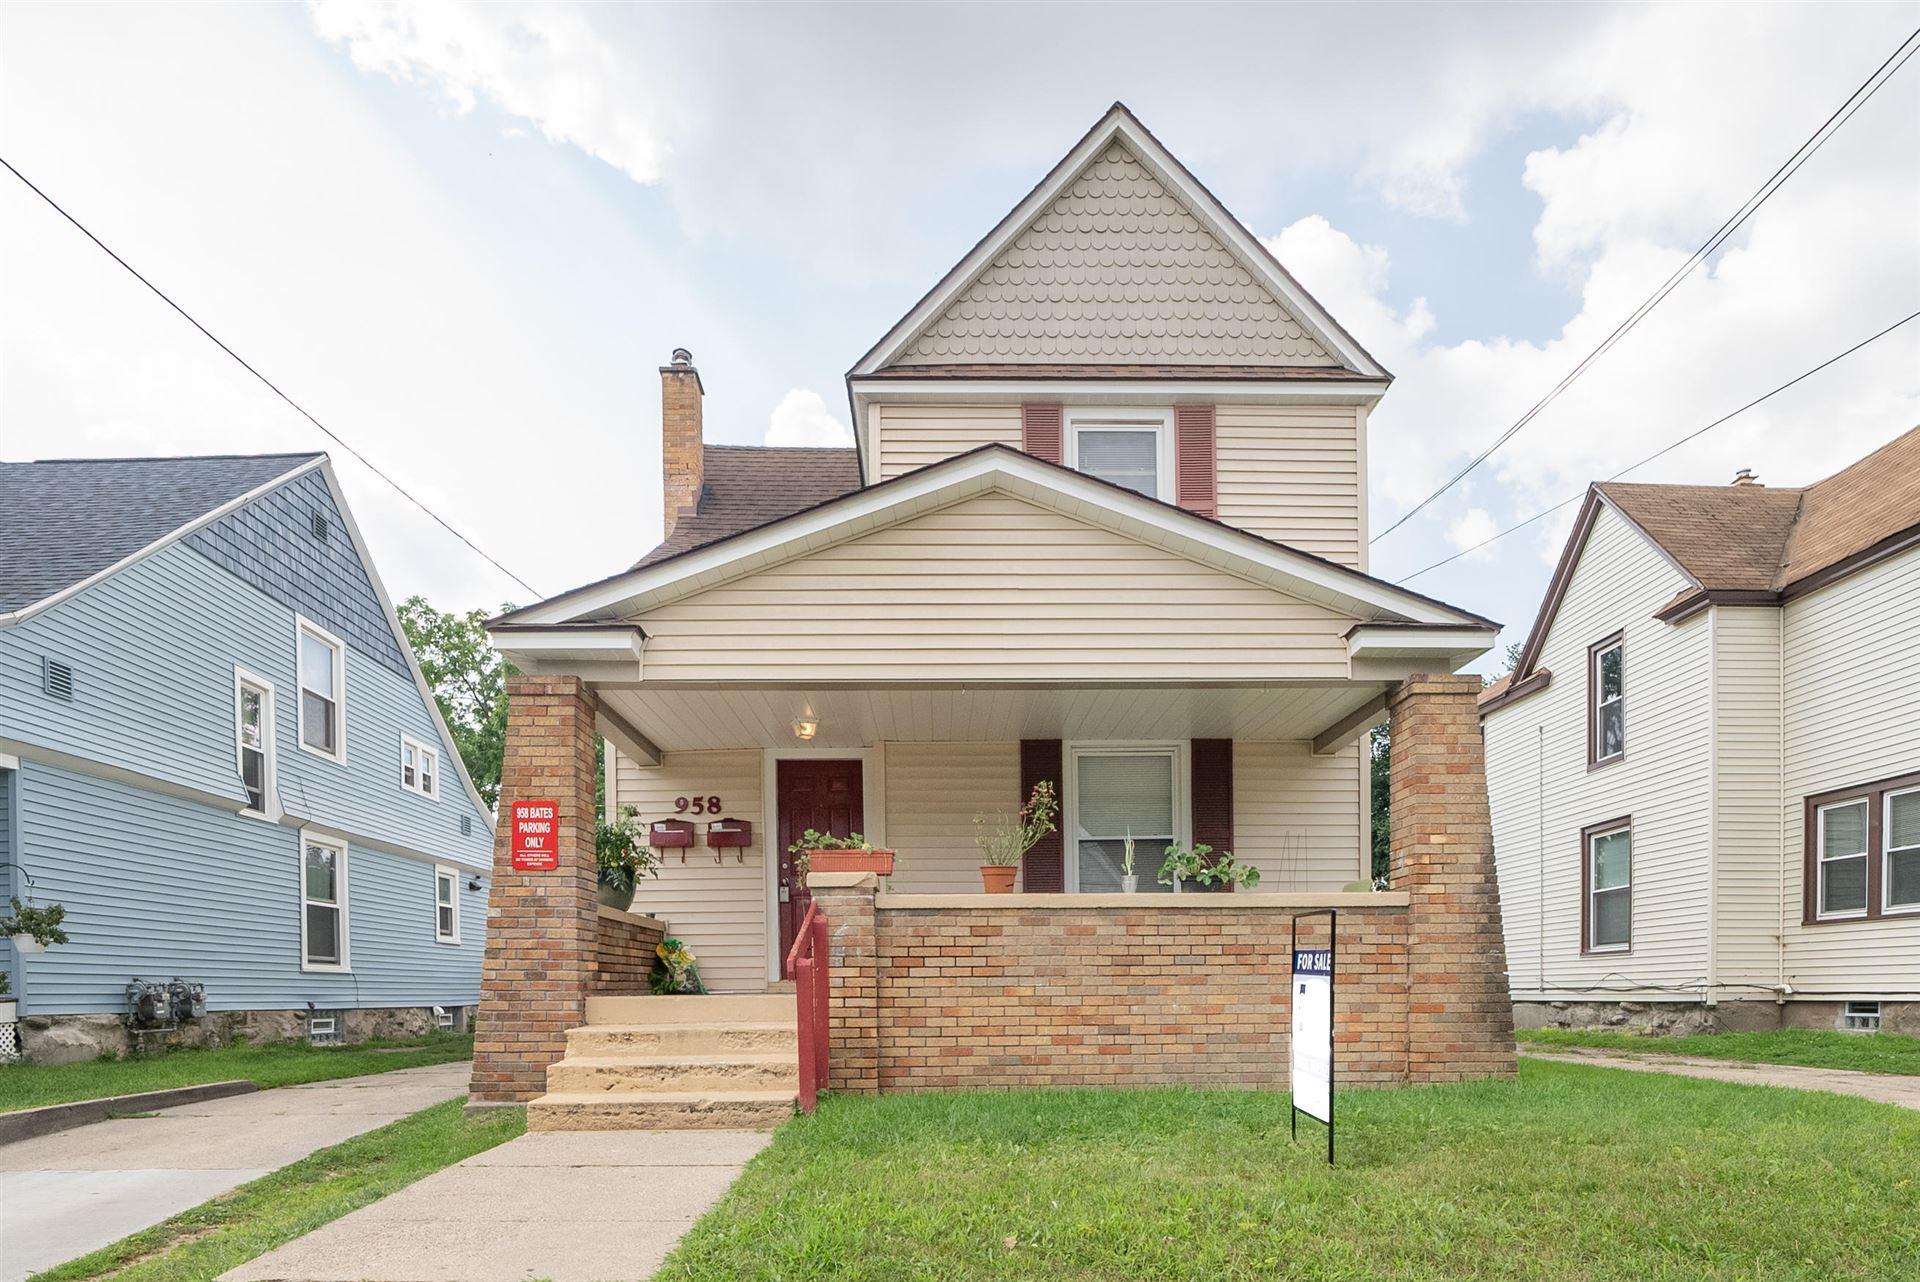 958 Bates Street SE, Grand Rapids, MI 49505 - MLS#: 21101604